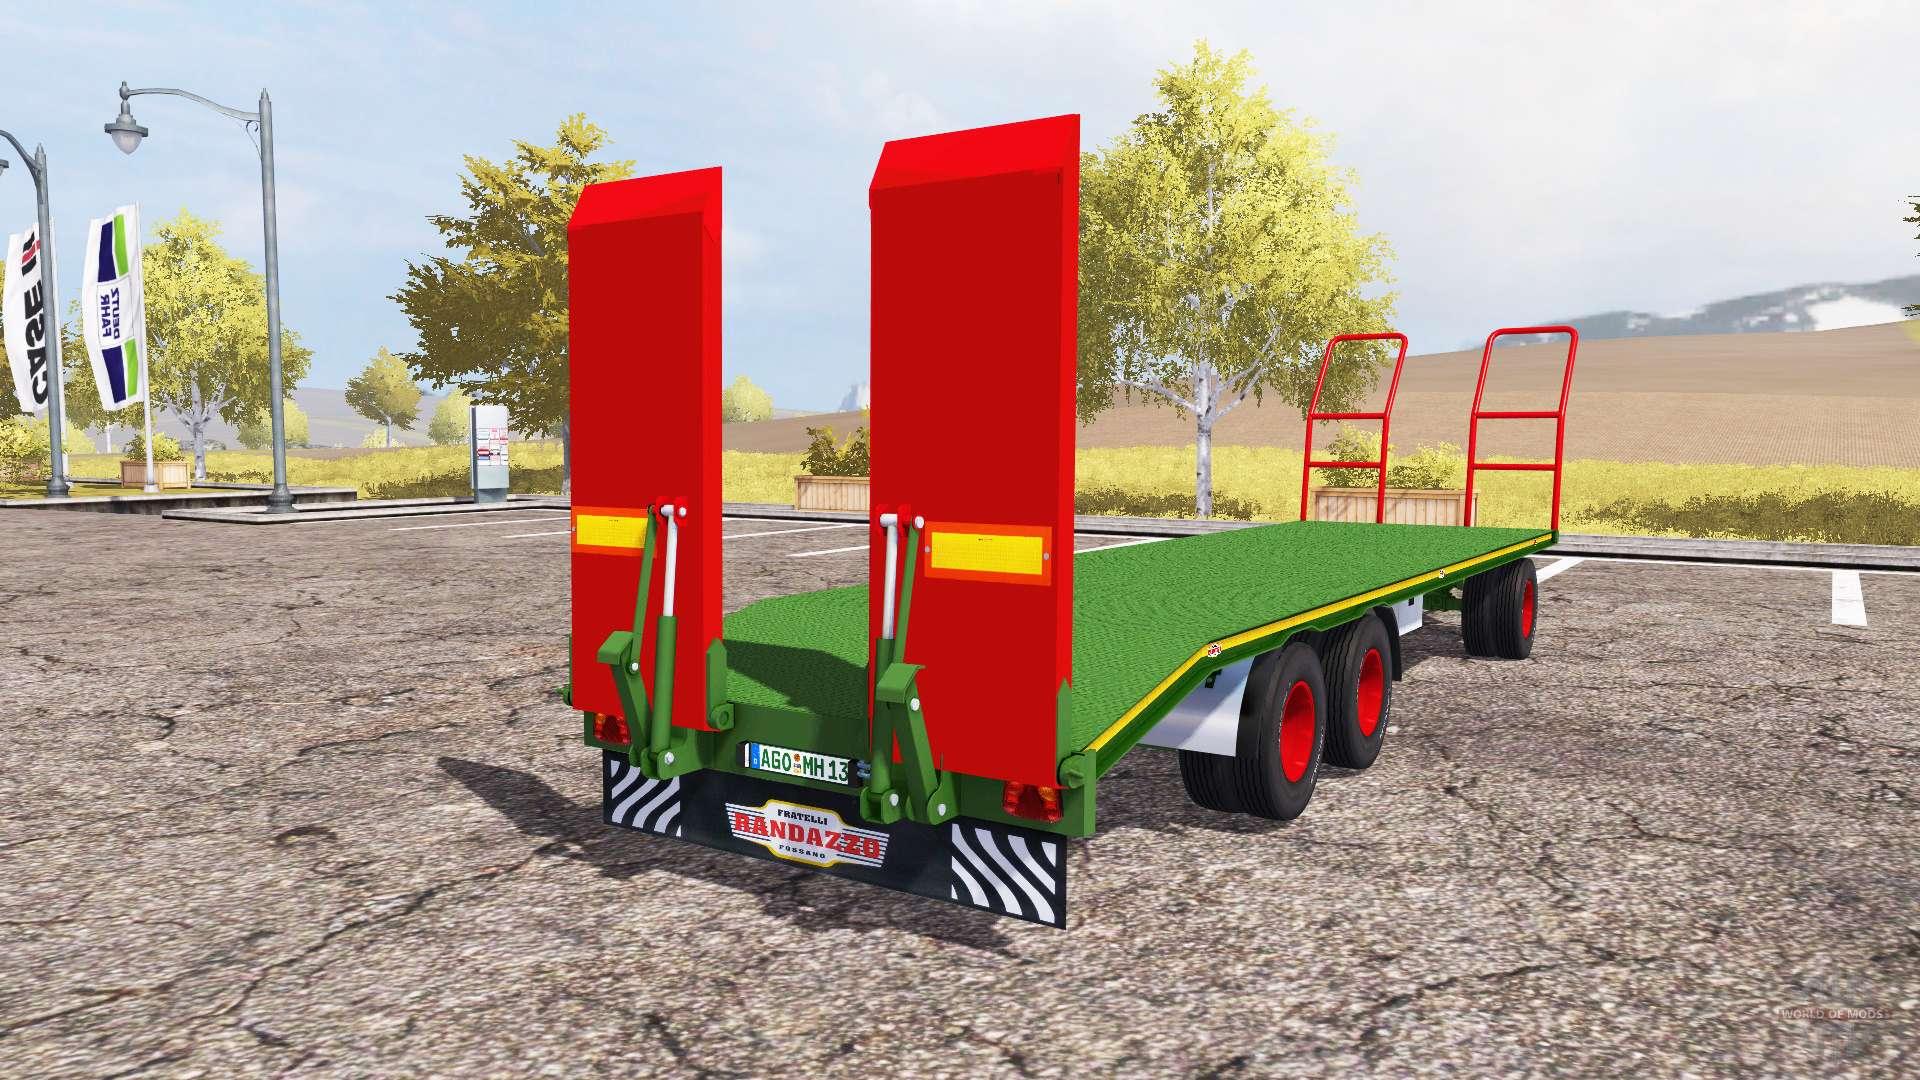 Rimorchi randazzo pa 97 i v1 1 farming simulator 2013 for Rimorchi randazzo